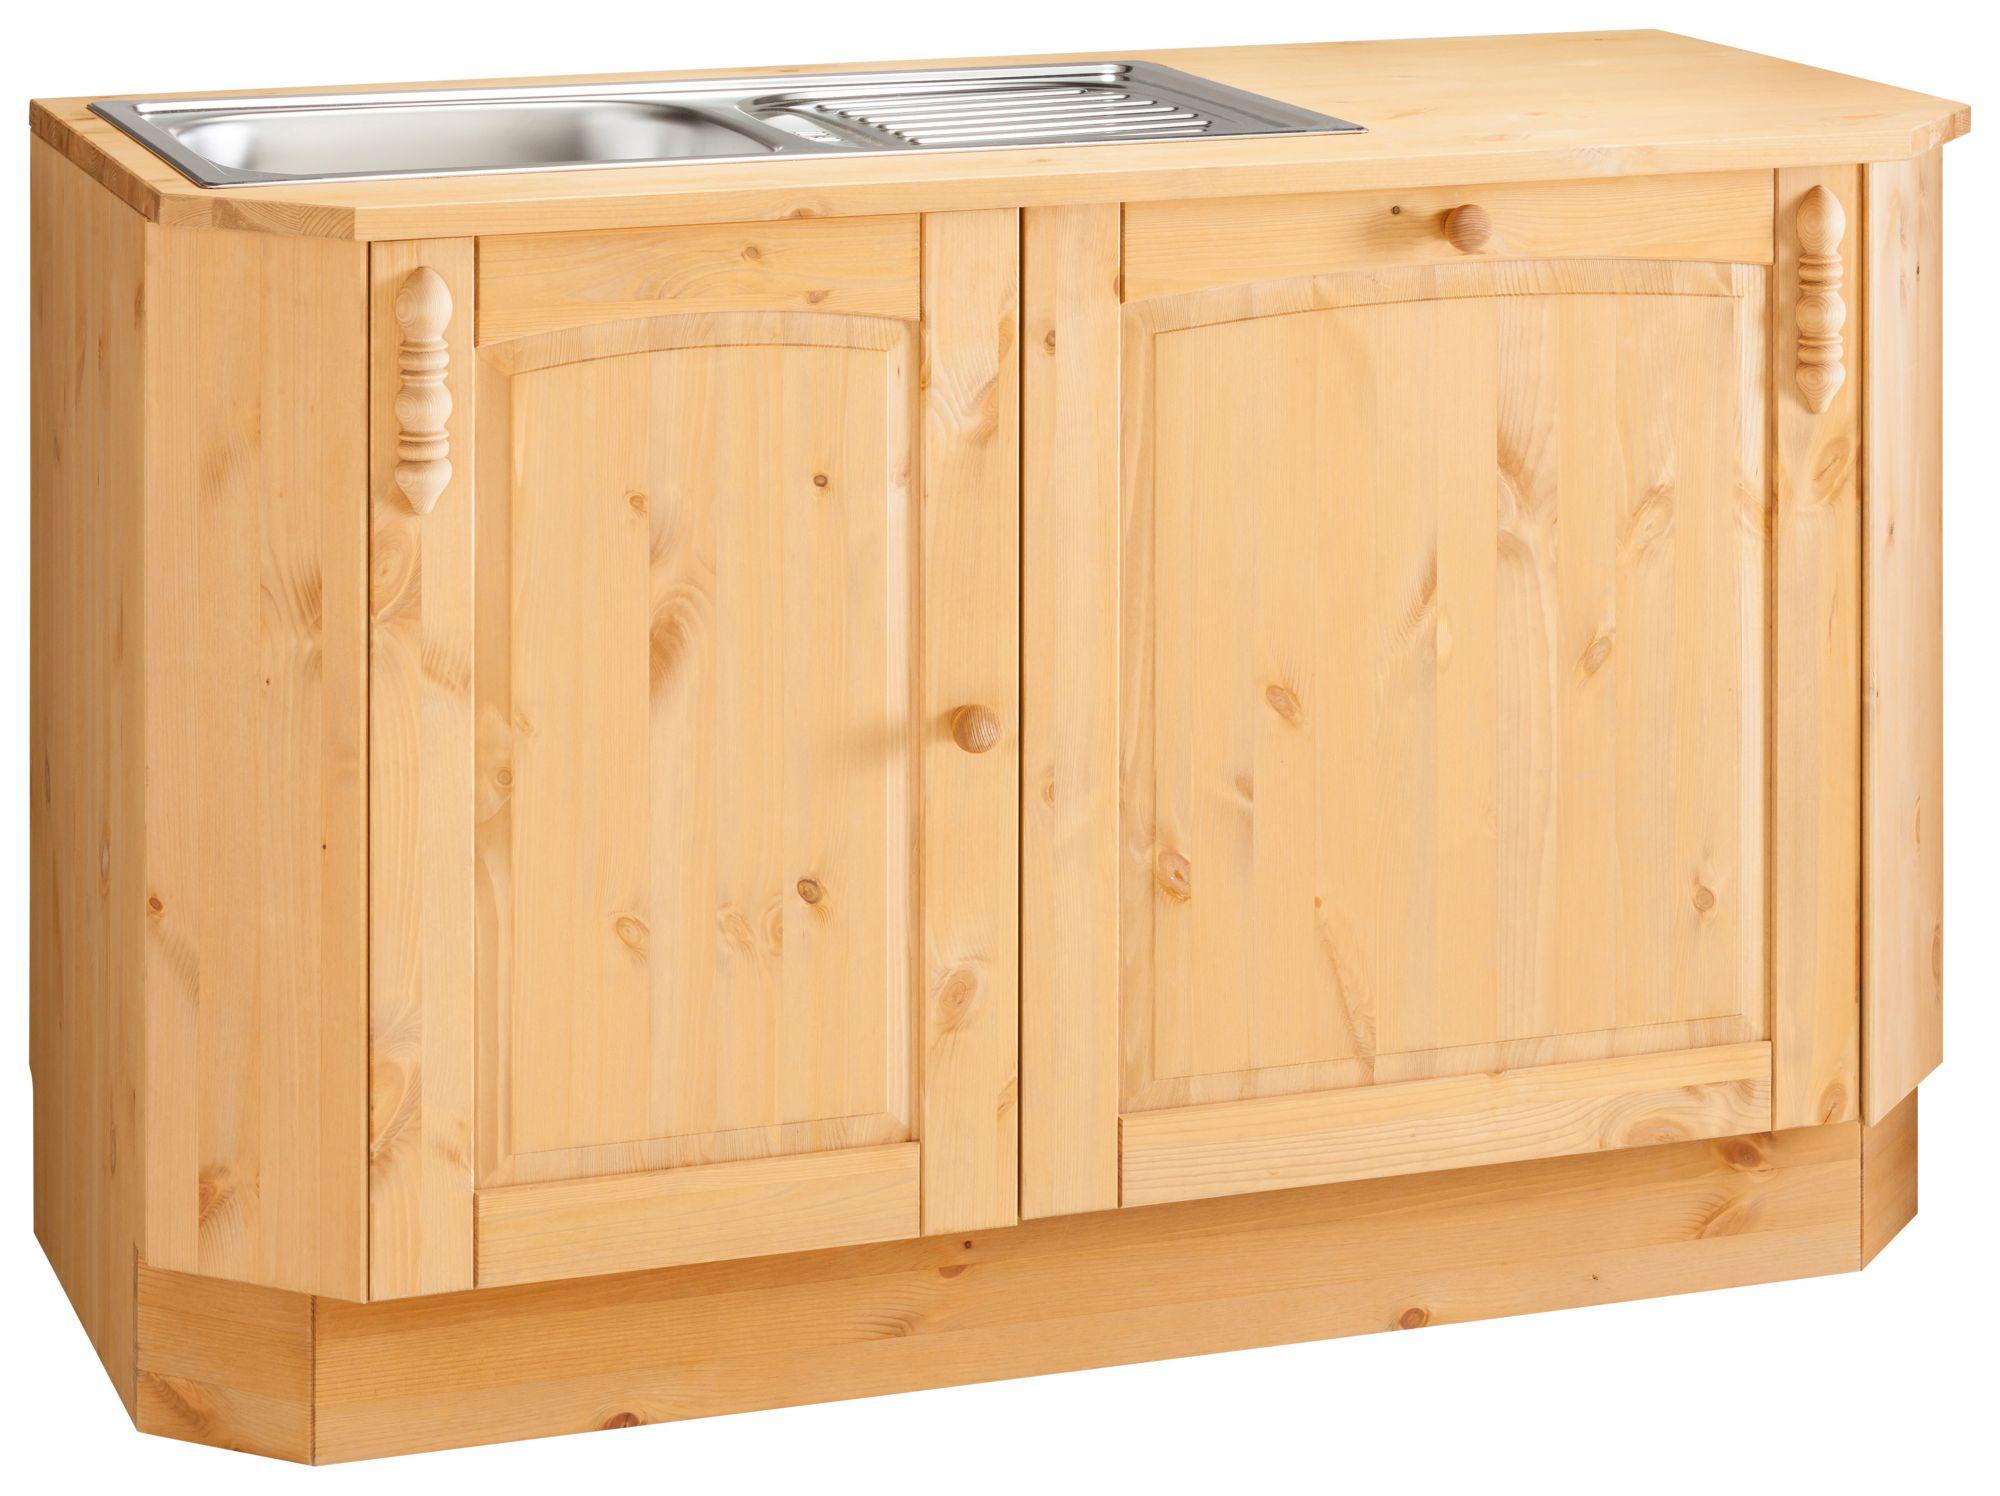 Spülenschrank »Sylt«, mit Geschirrspülerumbau | Schwab.de | Küchenmöbel